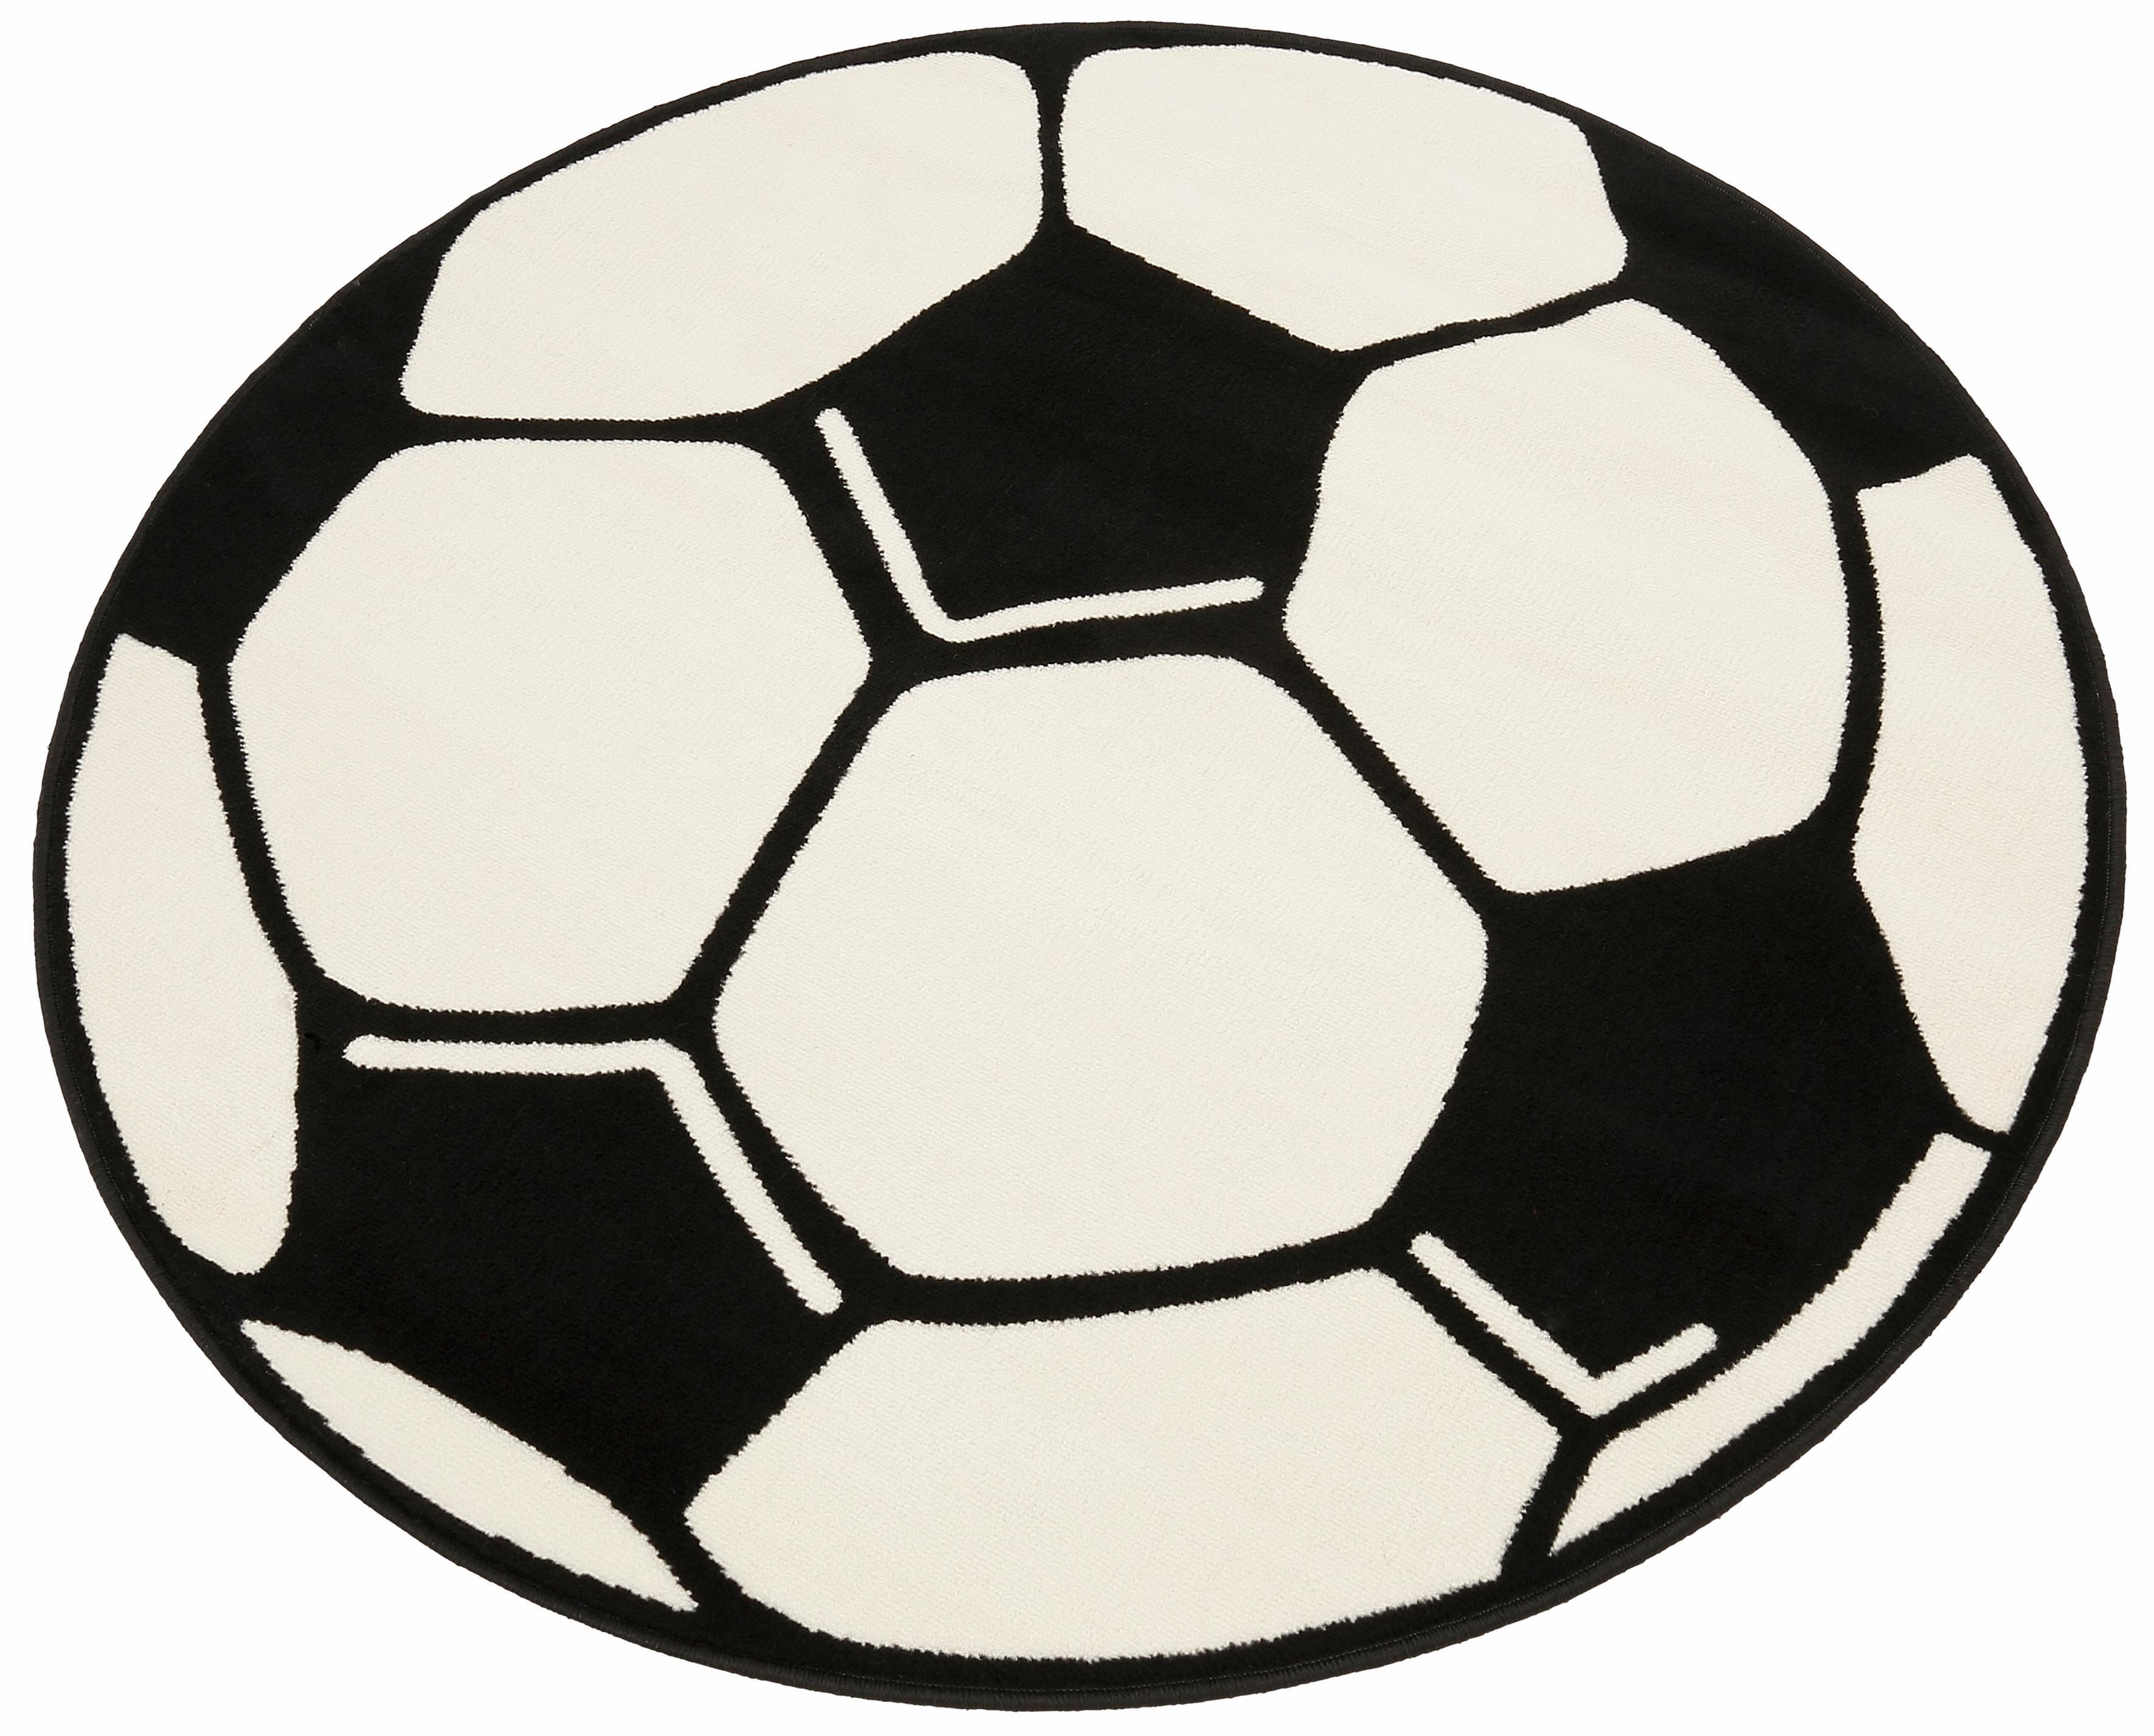 Kinderteppich Fußball HANSE Home rund Höhe 10 mm maschinell gewebt